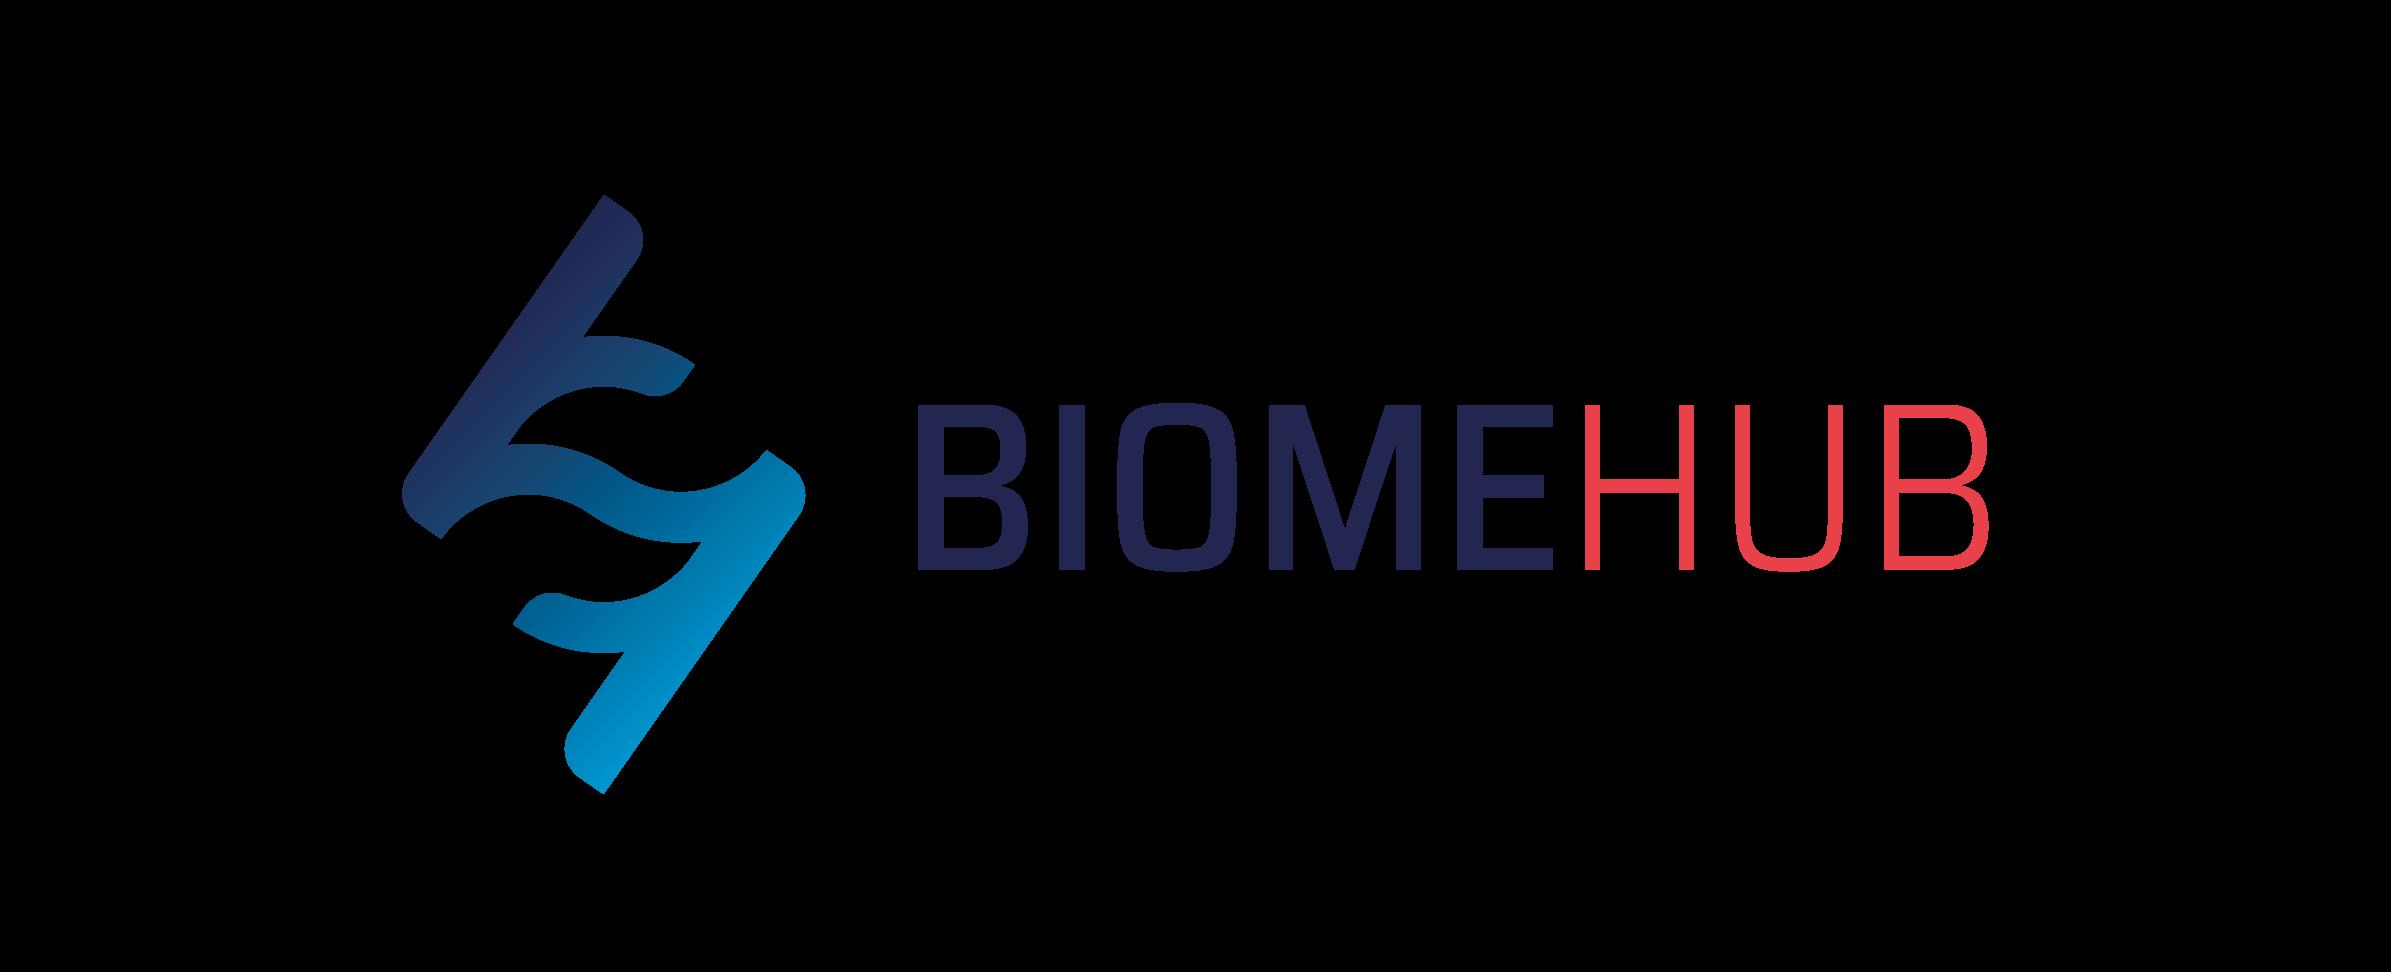 biome-hub_log